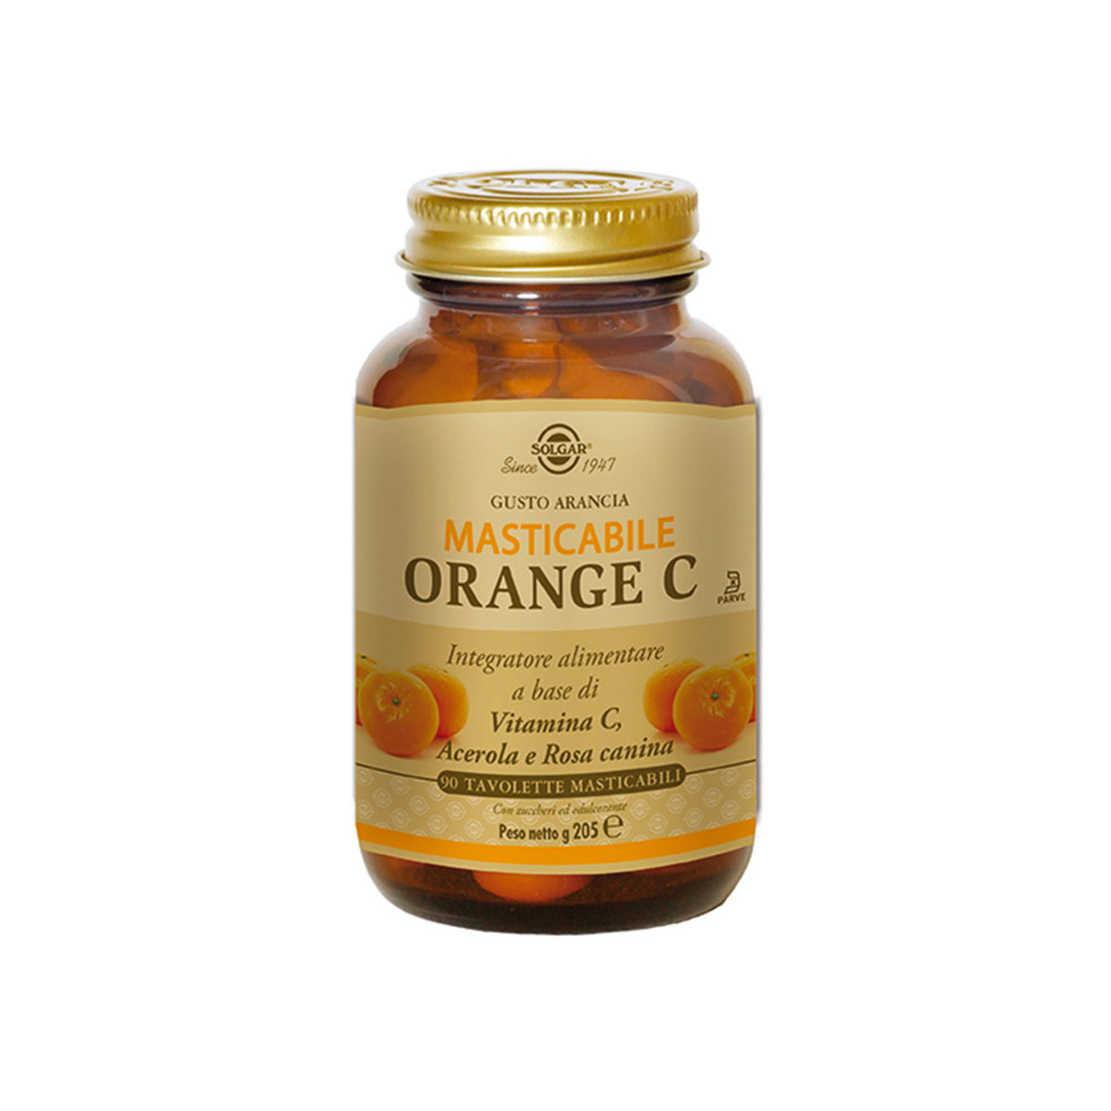 Solgar - Orange C Masticabile